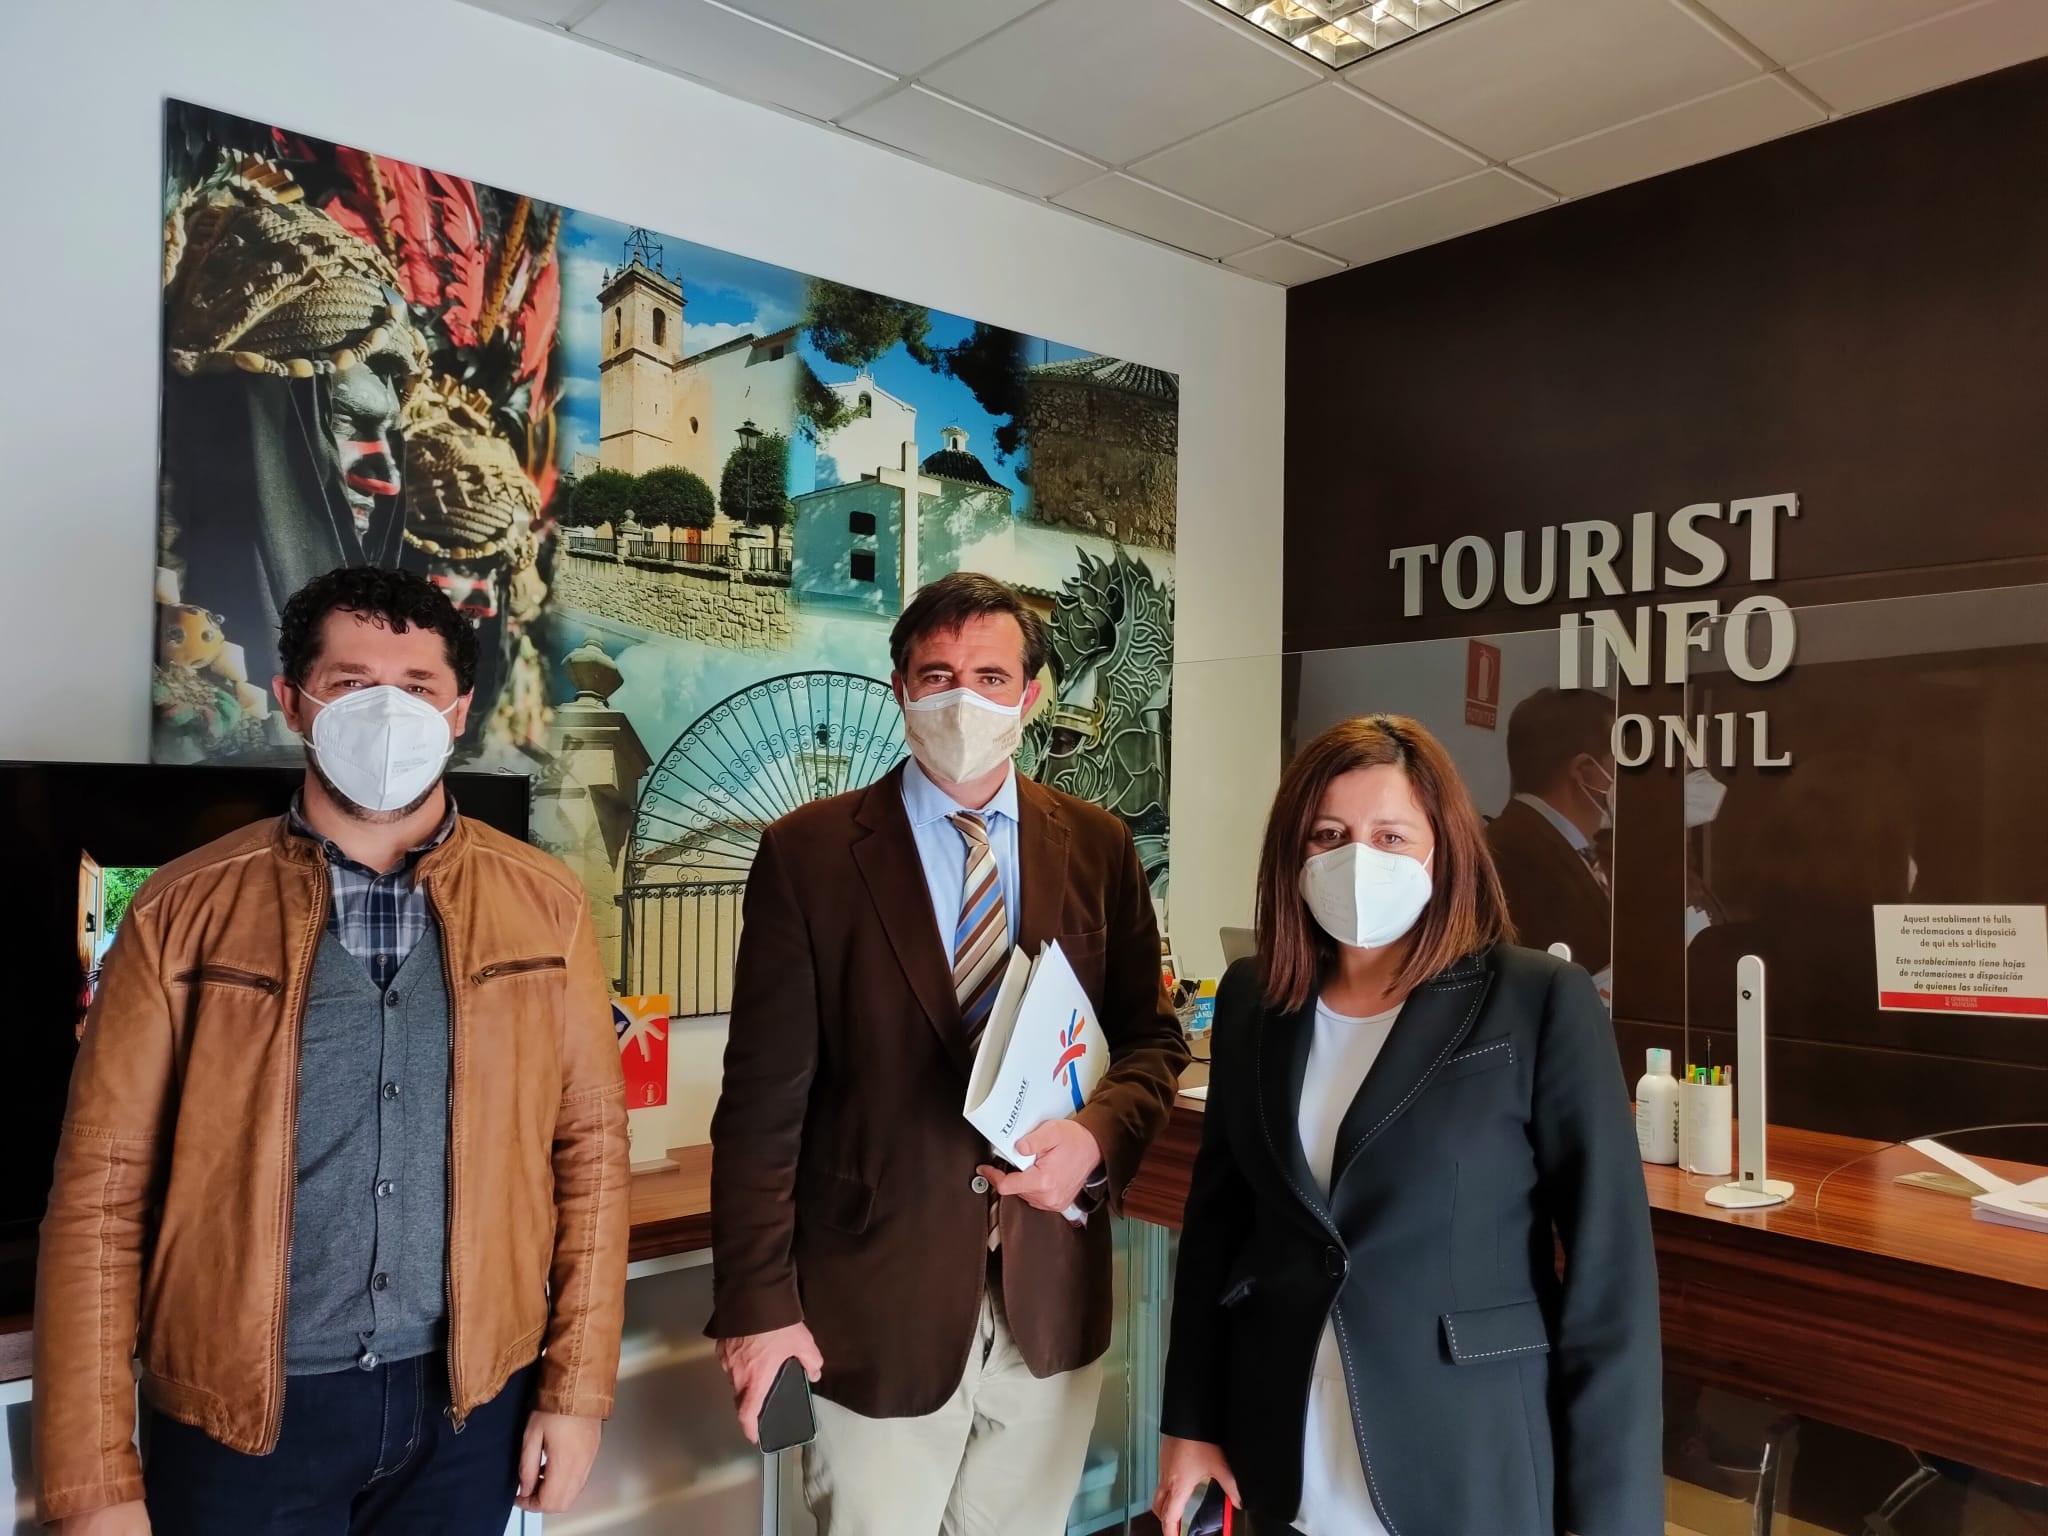 Herick Campos anuncia la creación de un grupo de trabajo para impulsar una Ruta del Juguete como producto turístico